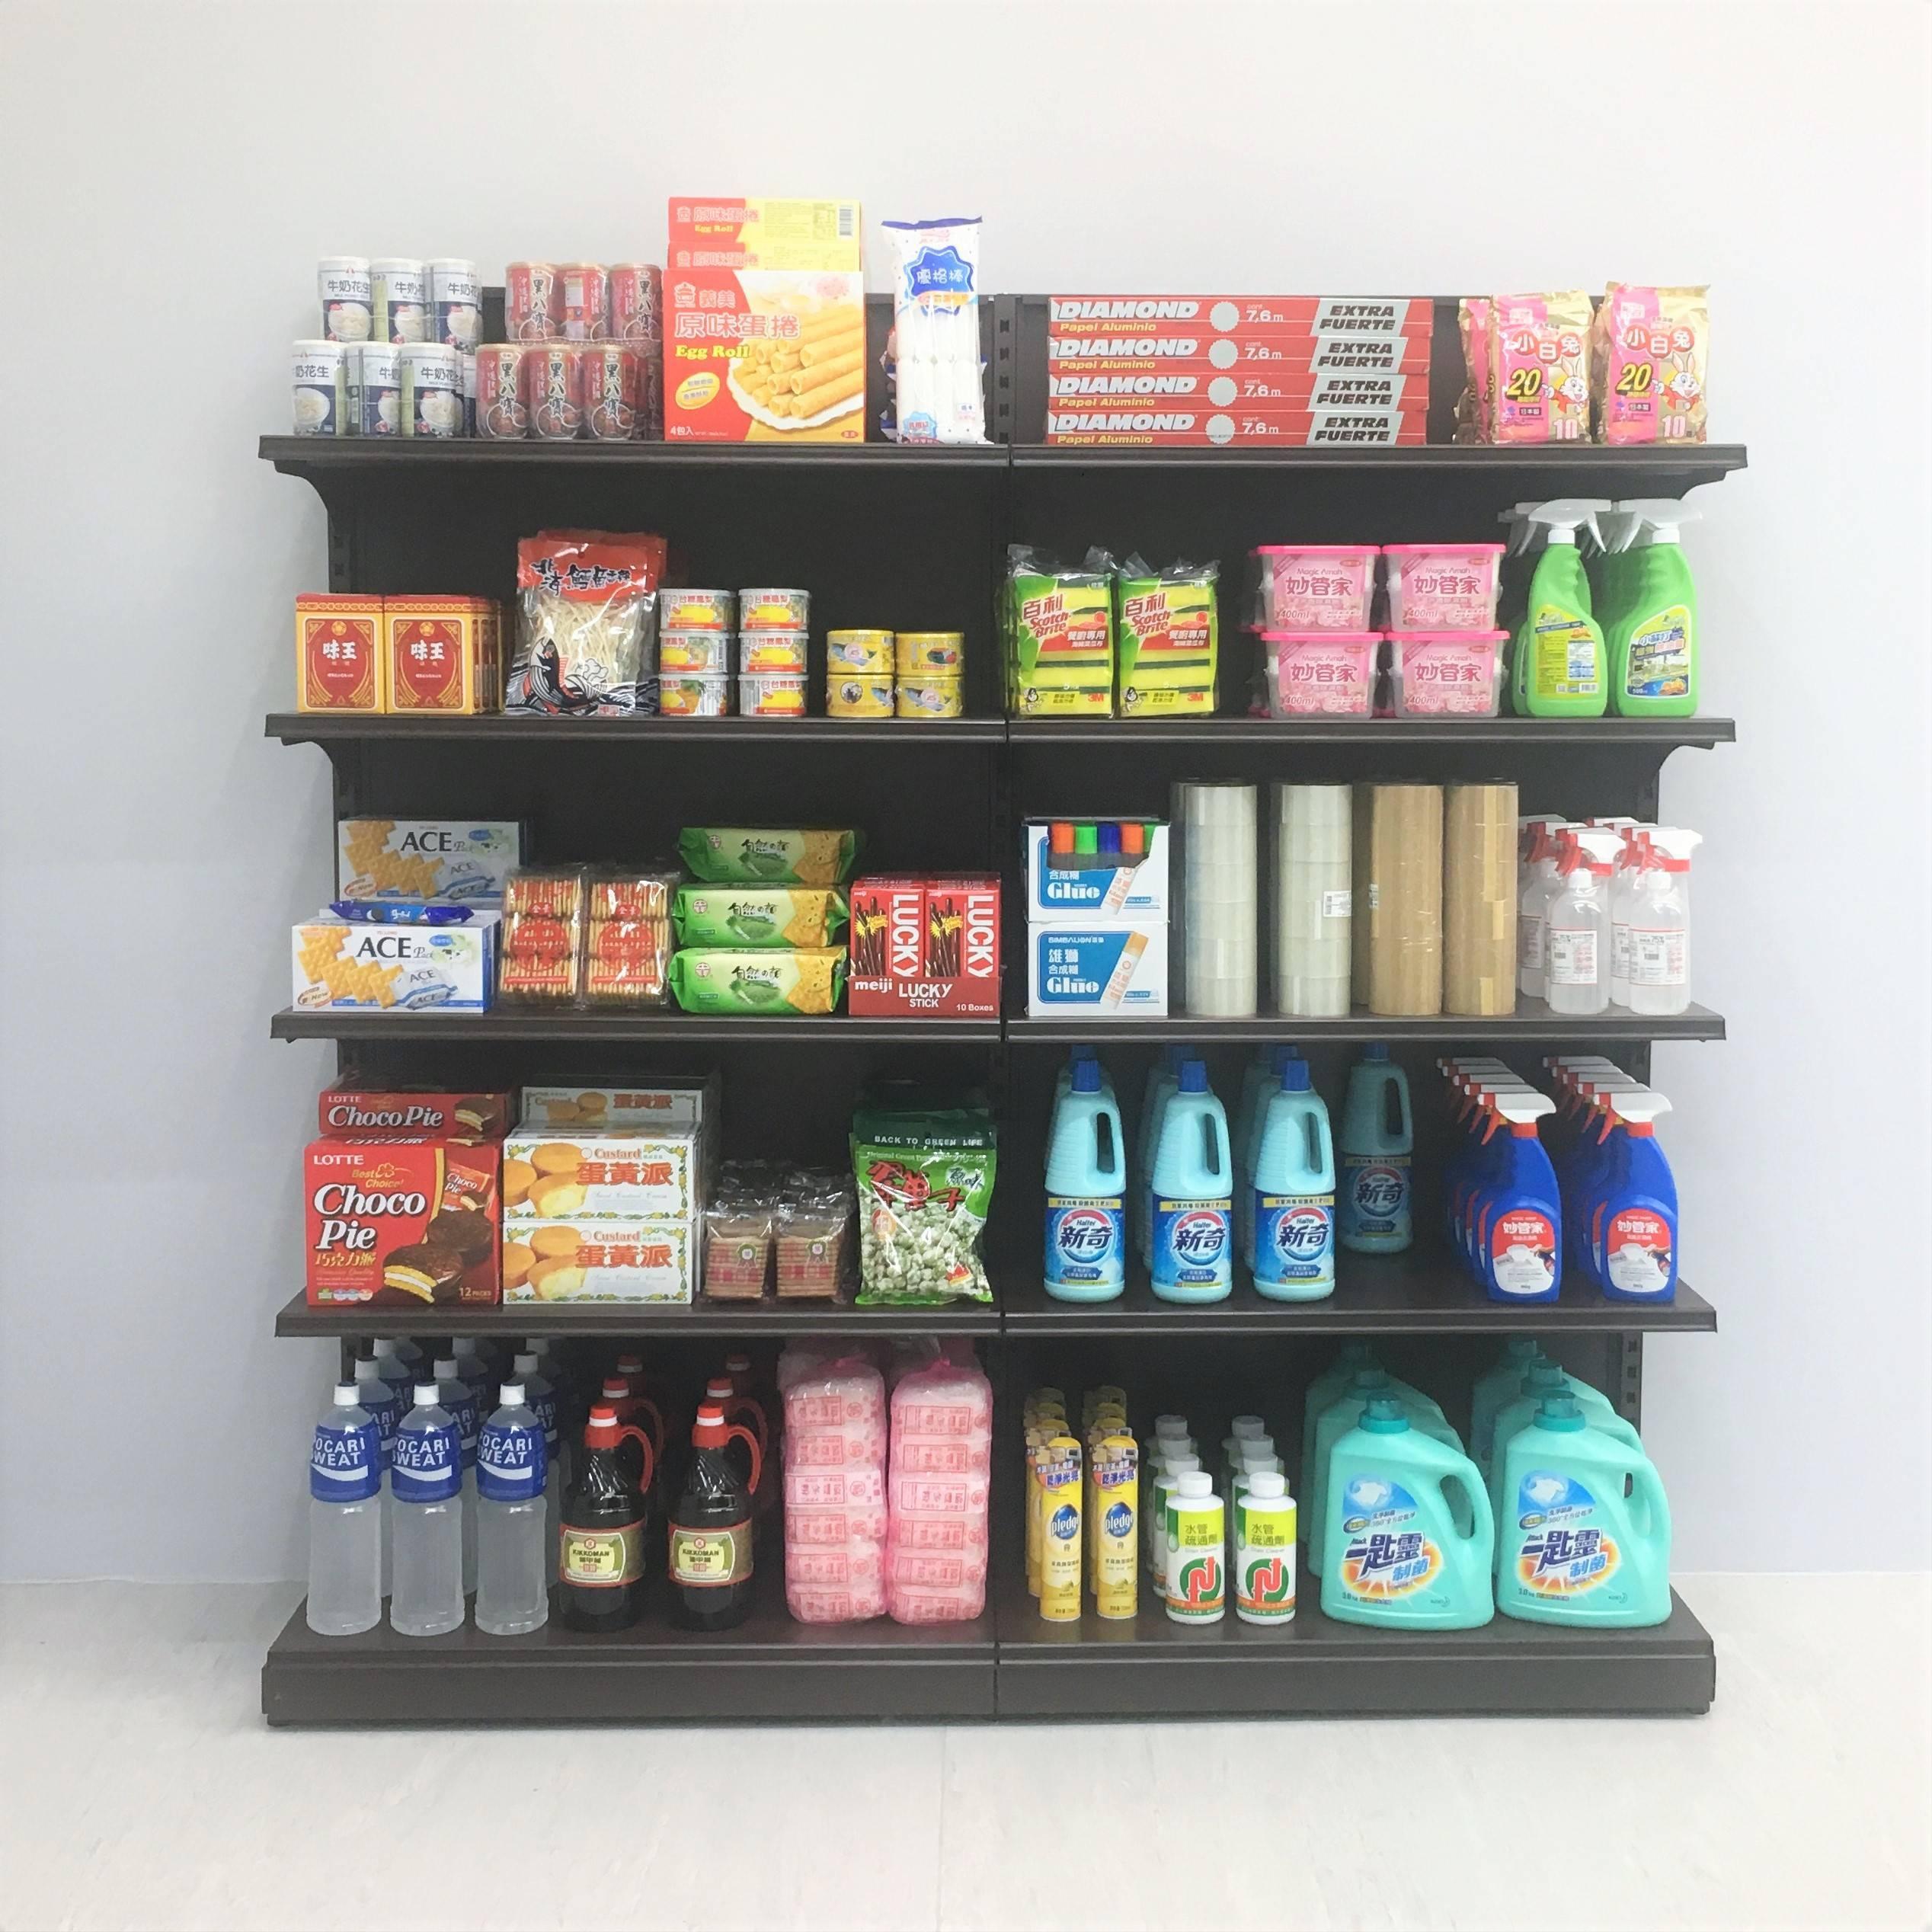 【在放鬆的多數的陽光下】李明學個展 李明學,《溢出的記憶》,超市與超商物件,180x180x30cm,兩件一組,2019。